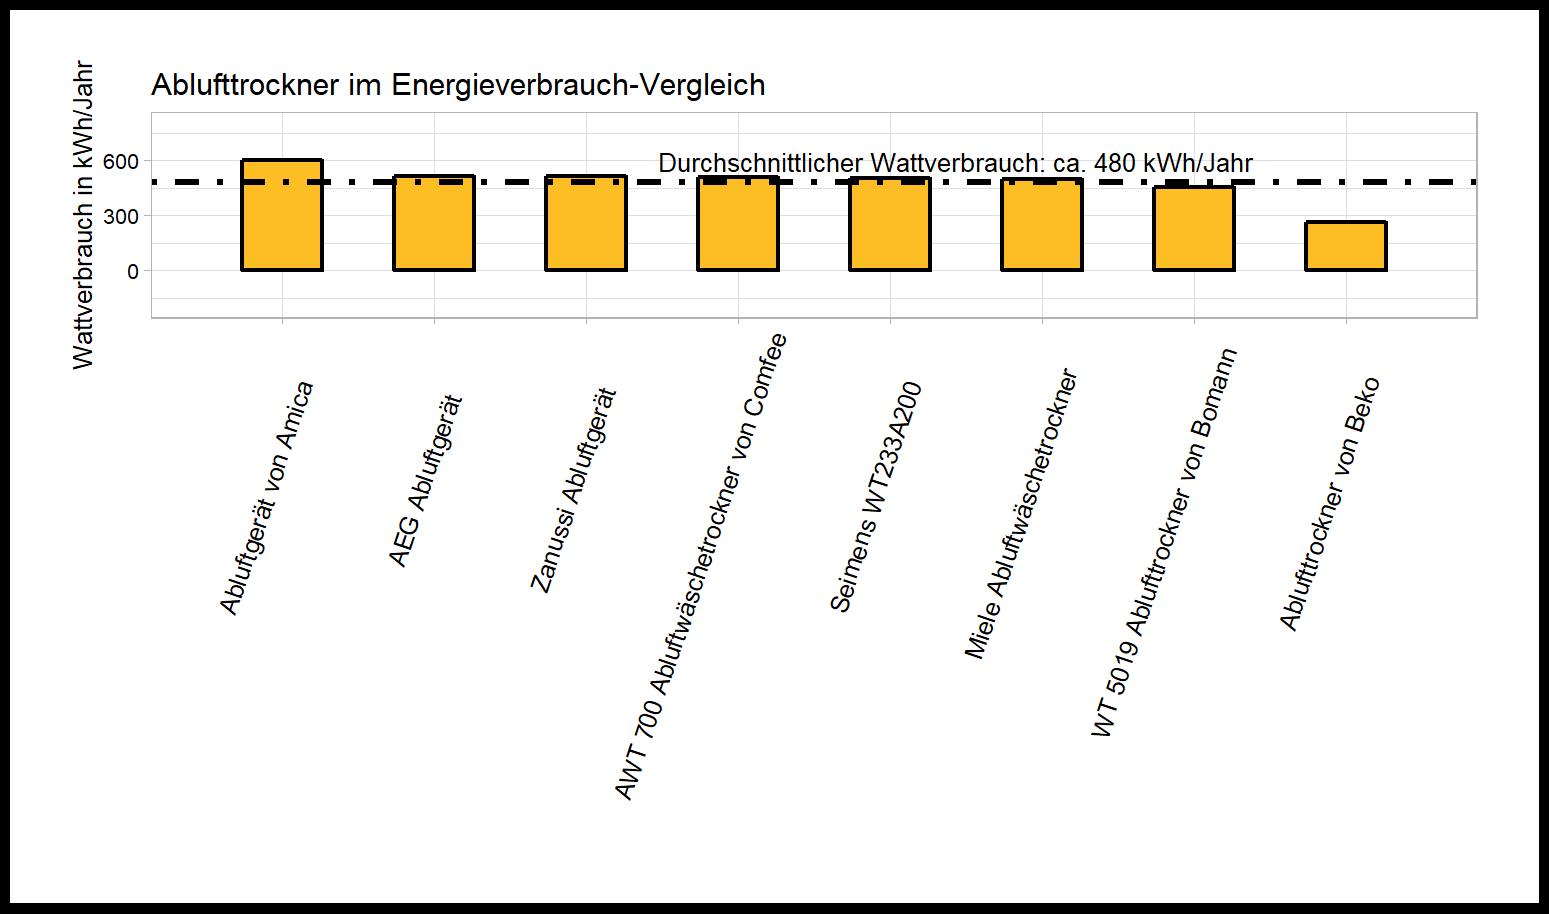 ausdifferenzierter Jahresenergieverbrauch-Vergleich Abluftwäschetrockner Energieverbrauch